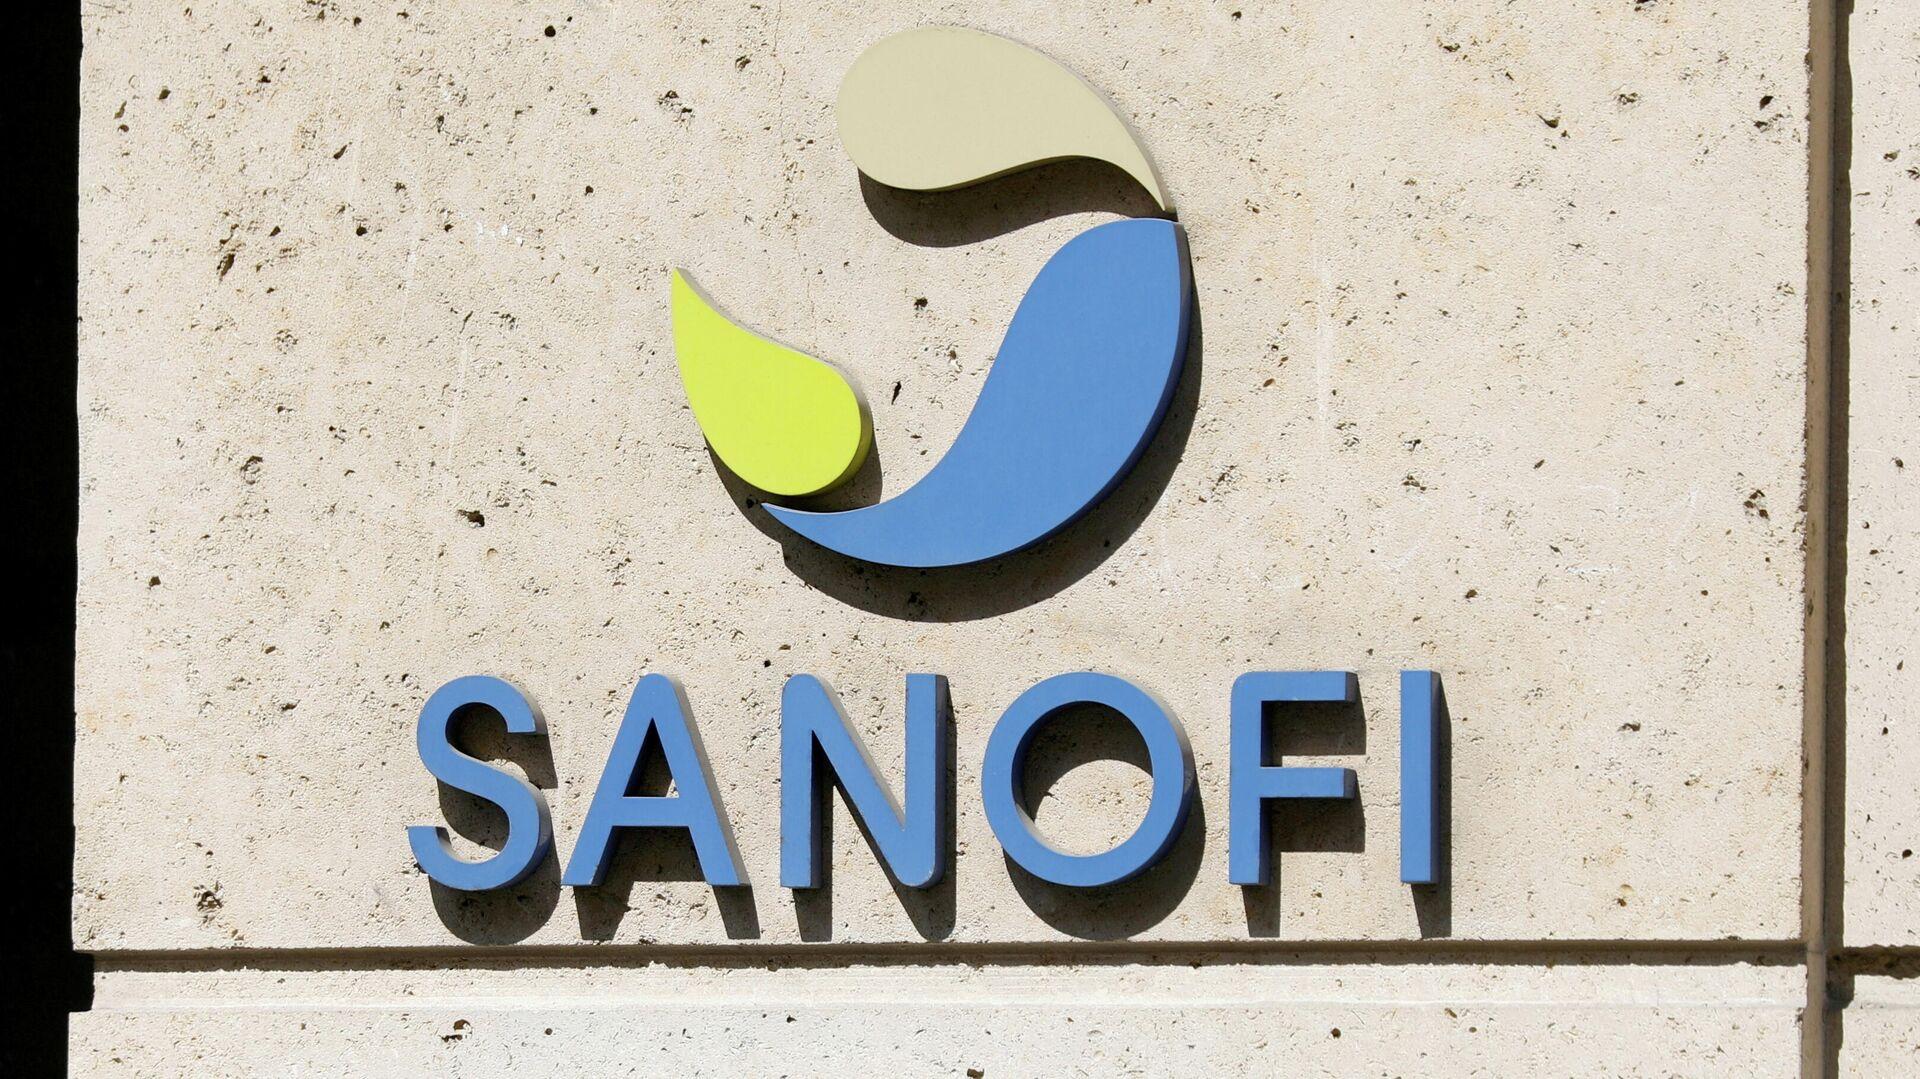 Logo del laboratorio Sanofi - Sputnik Mundo, 1920, 06.07.2021